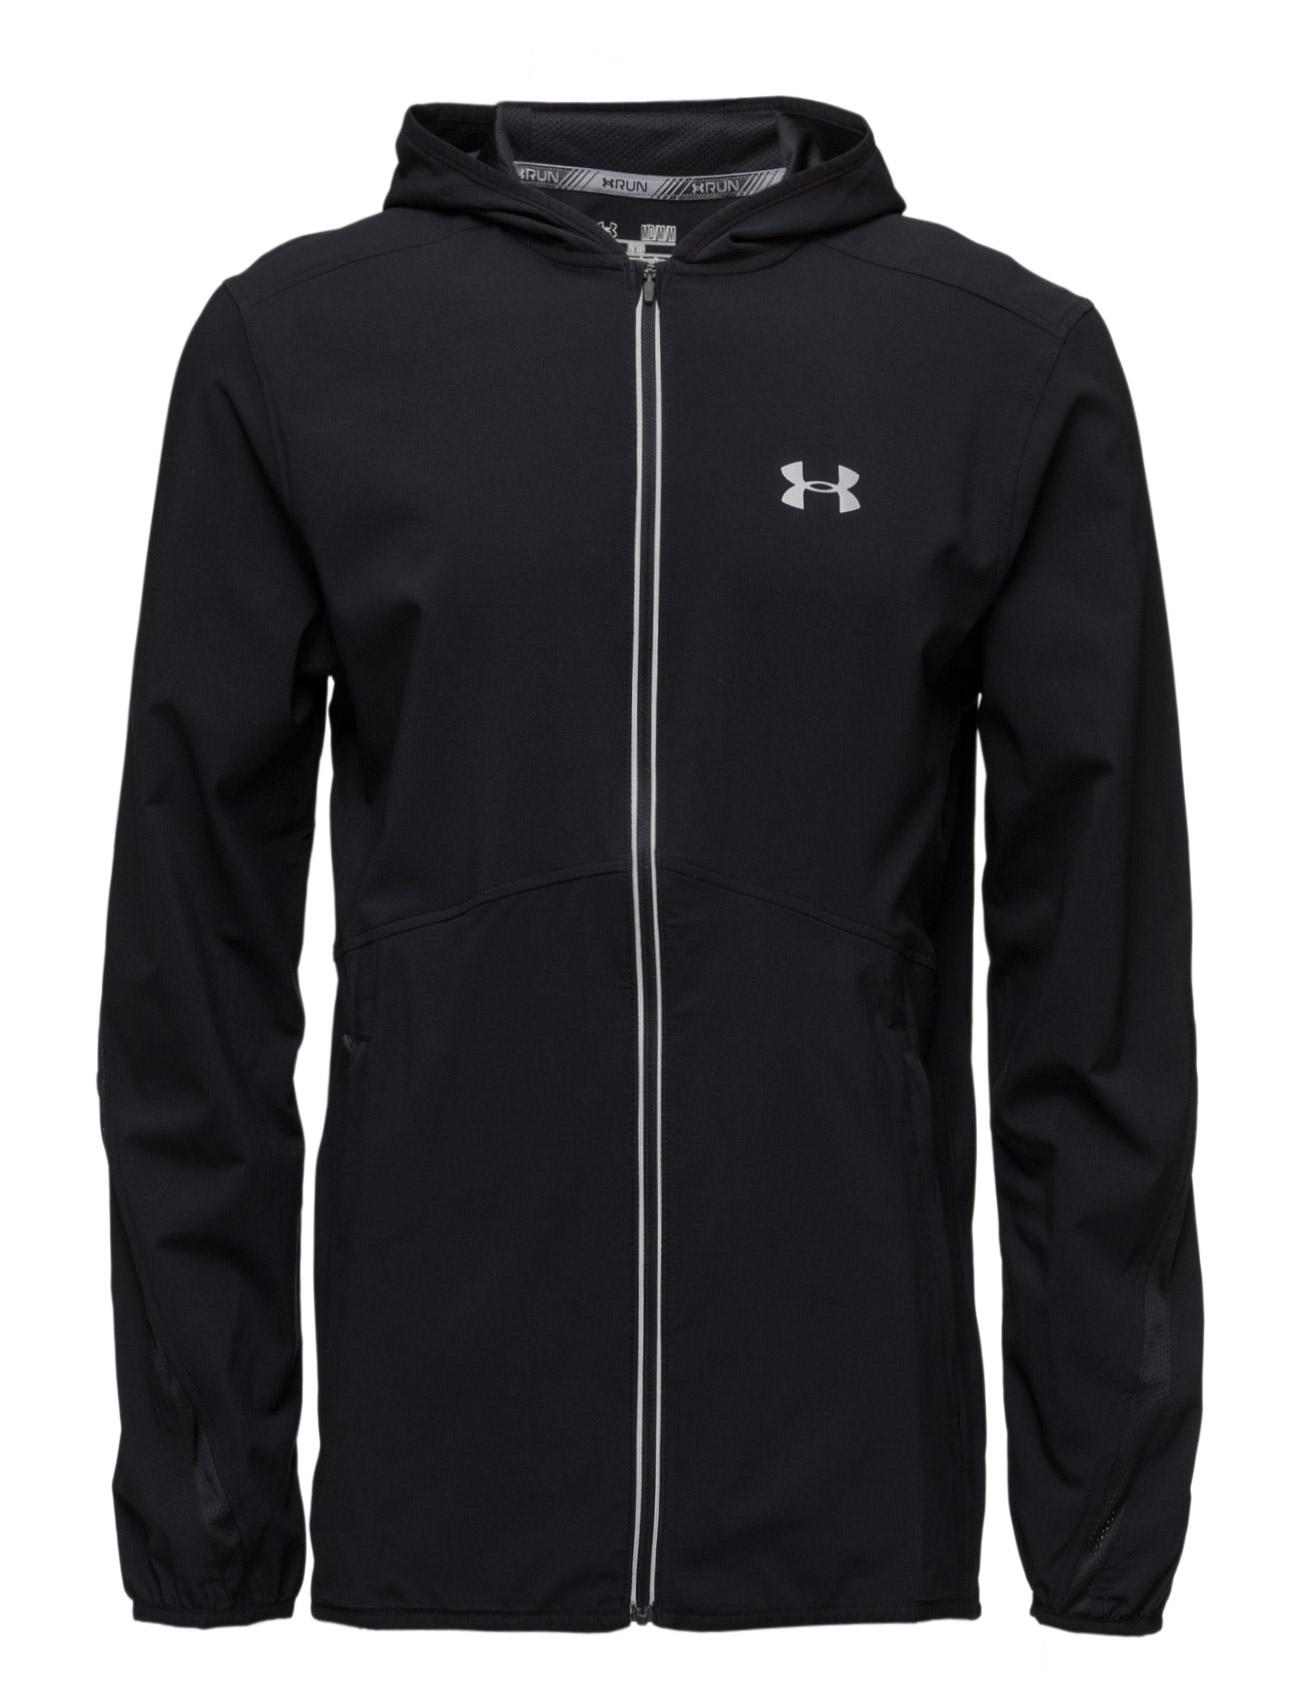 Run True Sw Jacket Under Armour Sports toppe til Herrer i Sort